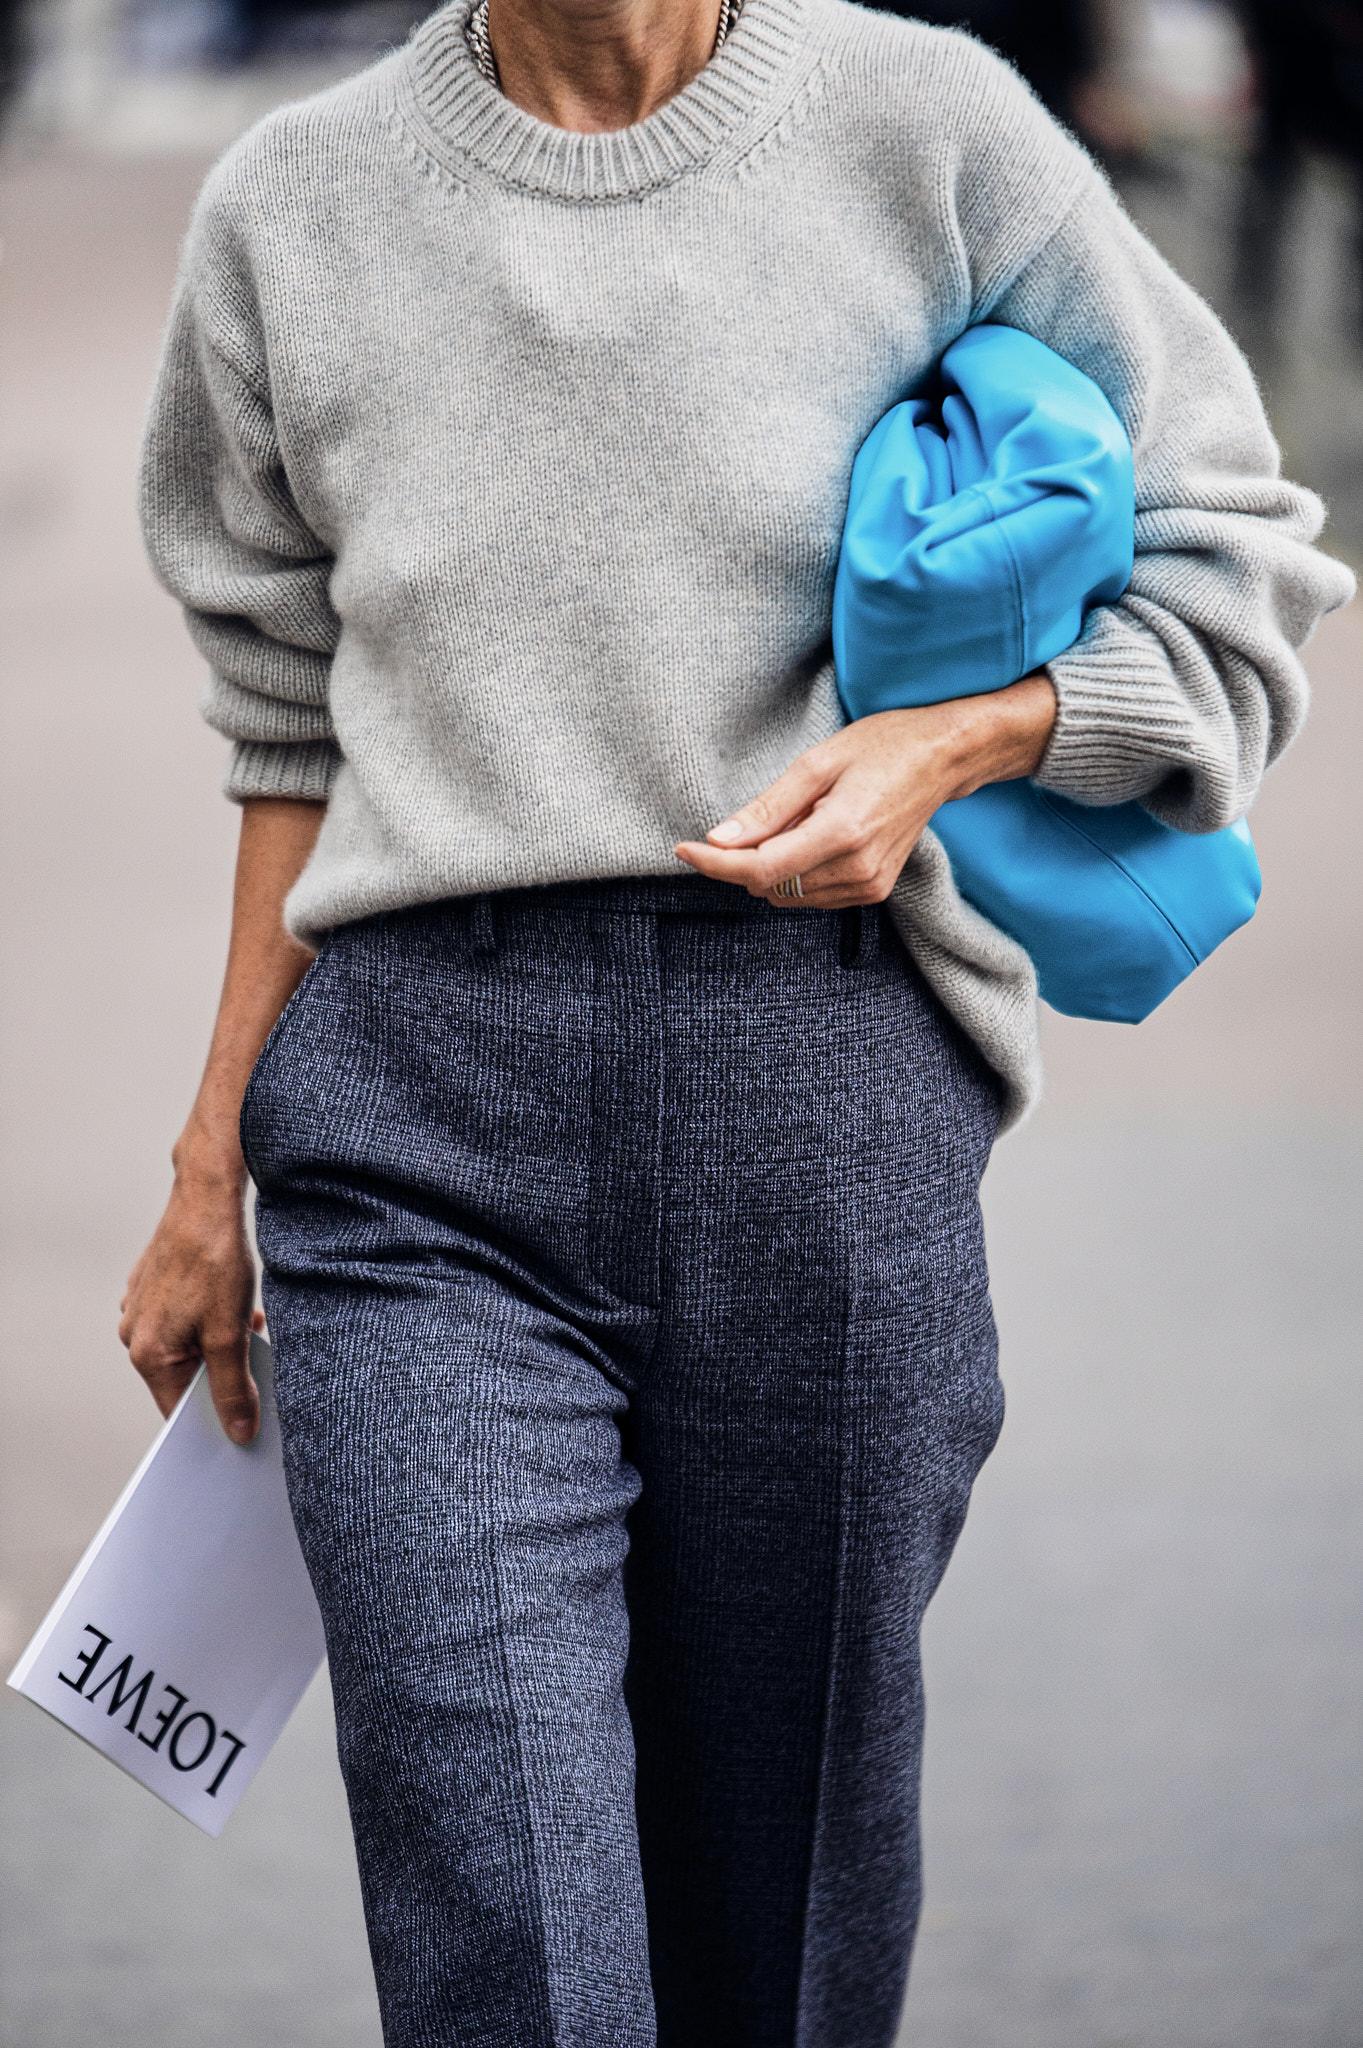 Outside Loewe - Paris Fashion Week SS20